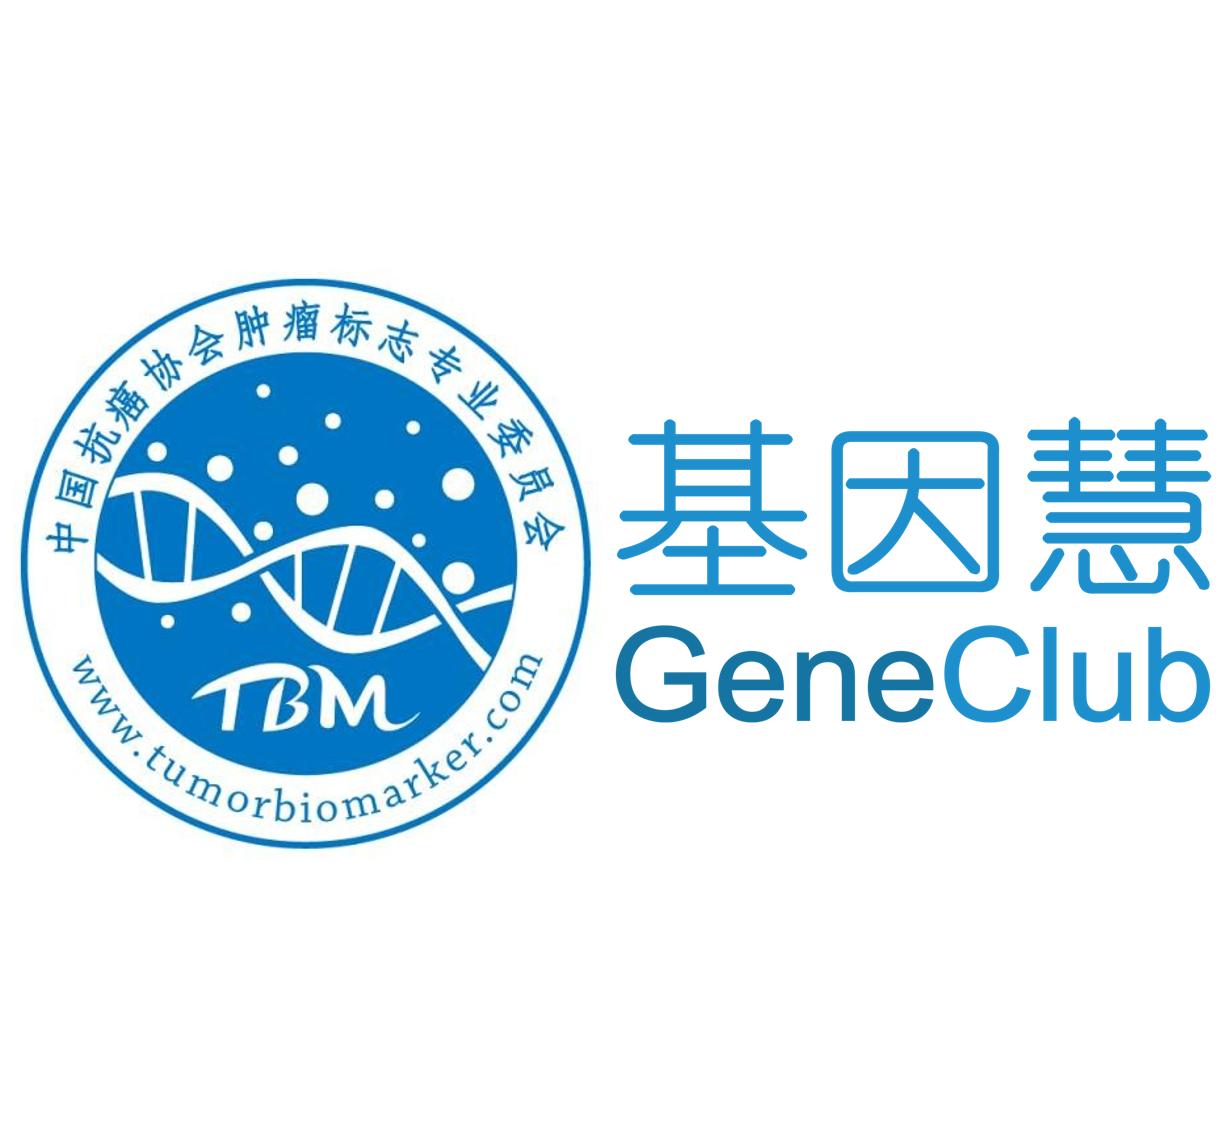 中国抗癌协会肿瘤标志专委会与基因慧共建医研企合作体系(邀您参与有奖调研)